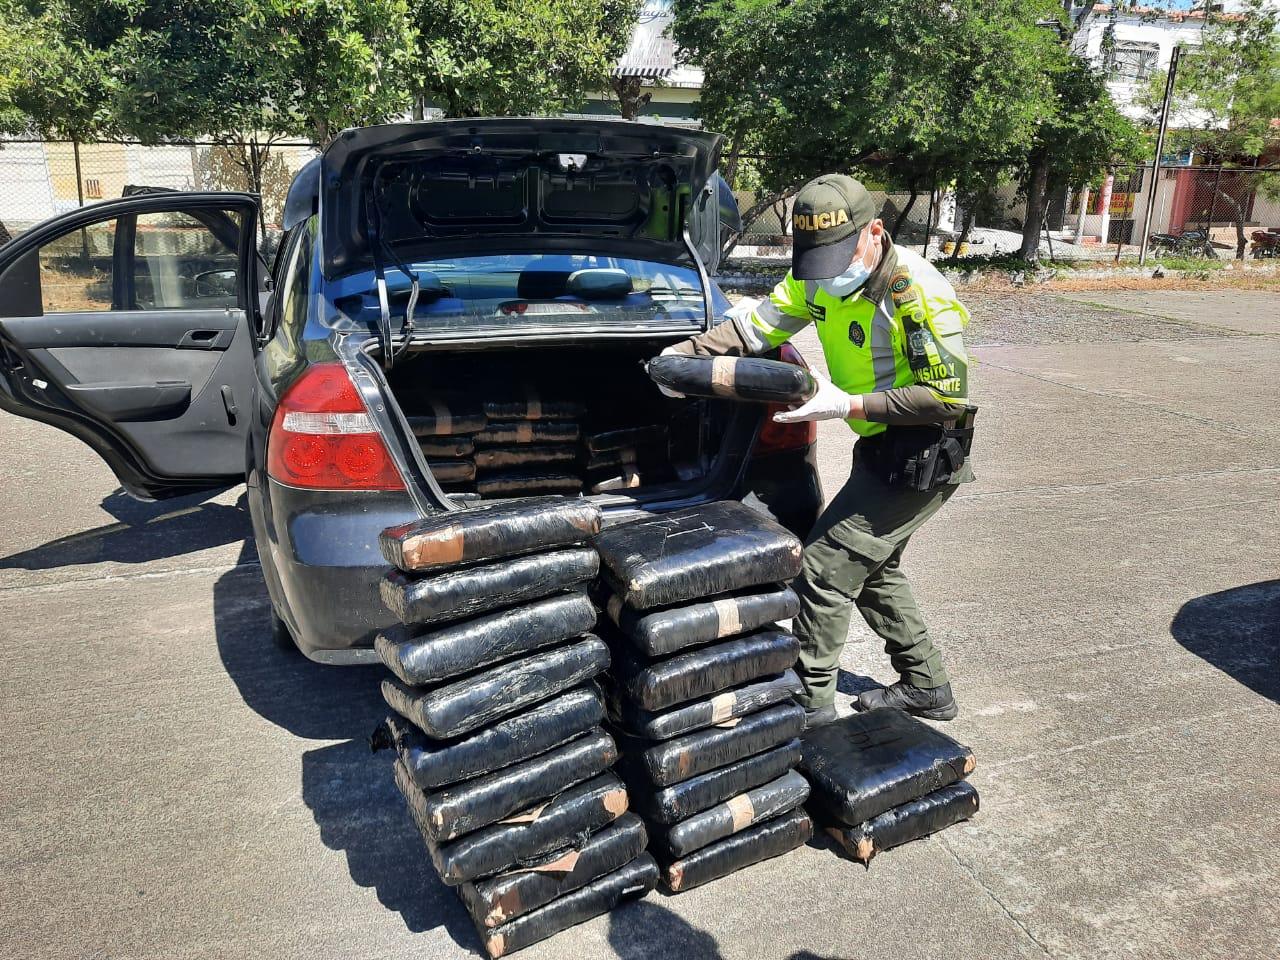 Chocaron cuando huían de la Policía con 150 kilos de mariguana en el baúl de su carro